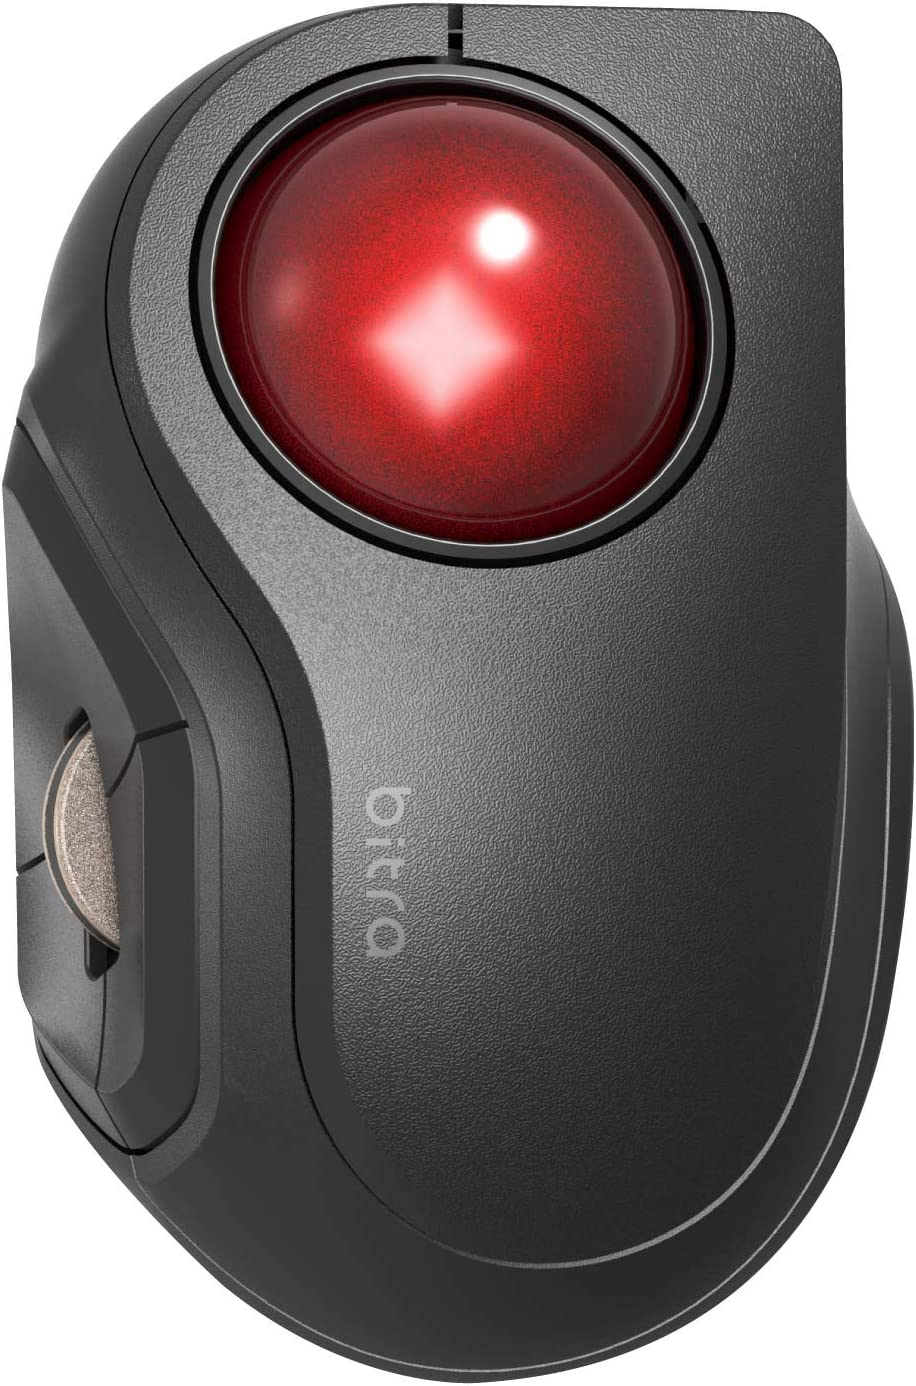 エレコム マウス Bluetooth (iOS対応) トラックボール Sサイズ 小型 人差し指 5ボタン 静音 ブラック M-MT2BRSBK